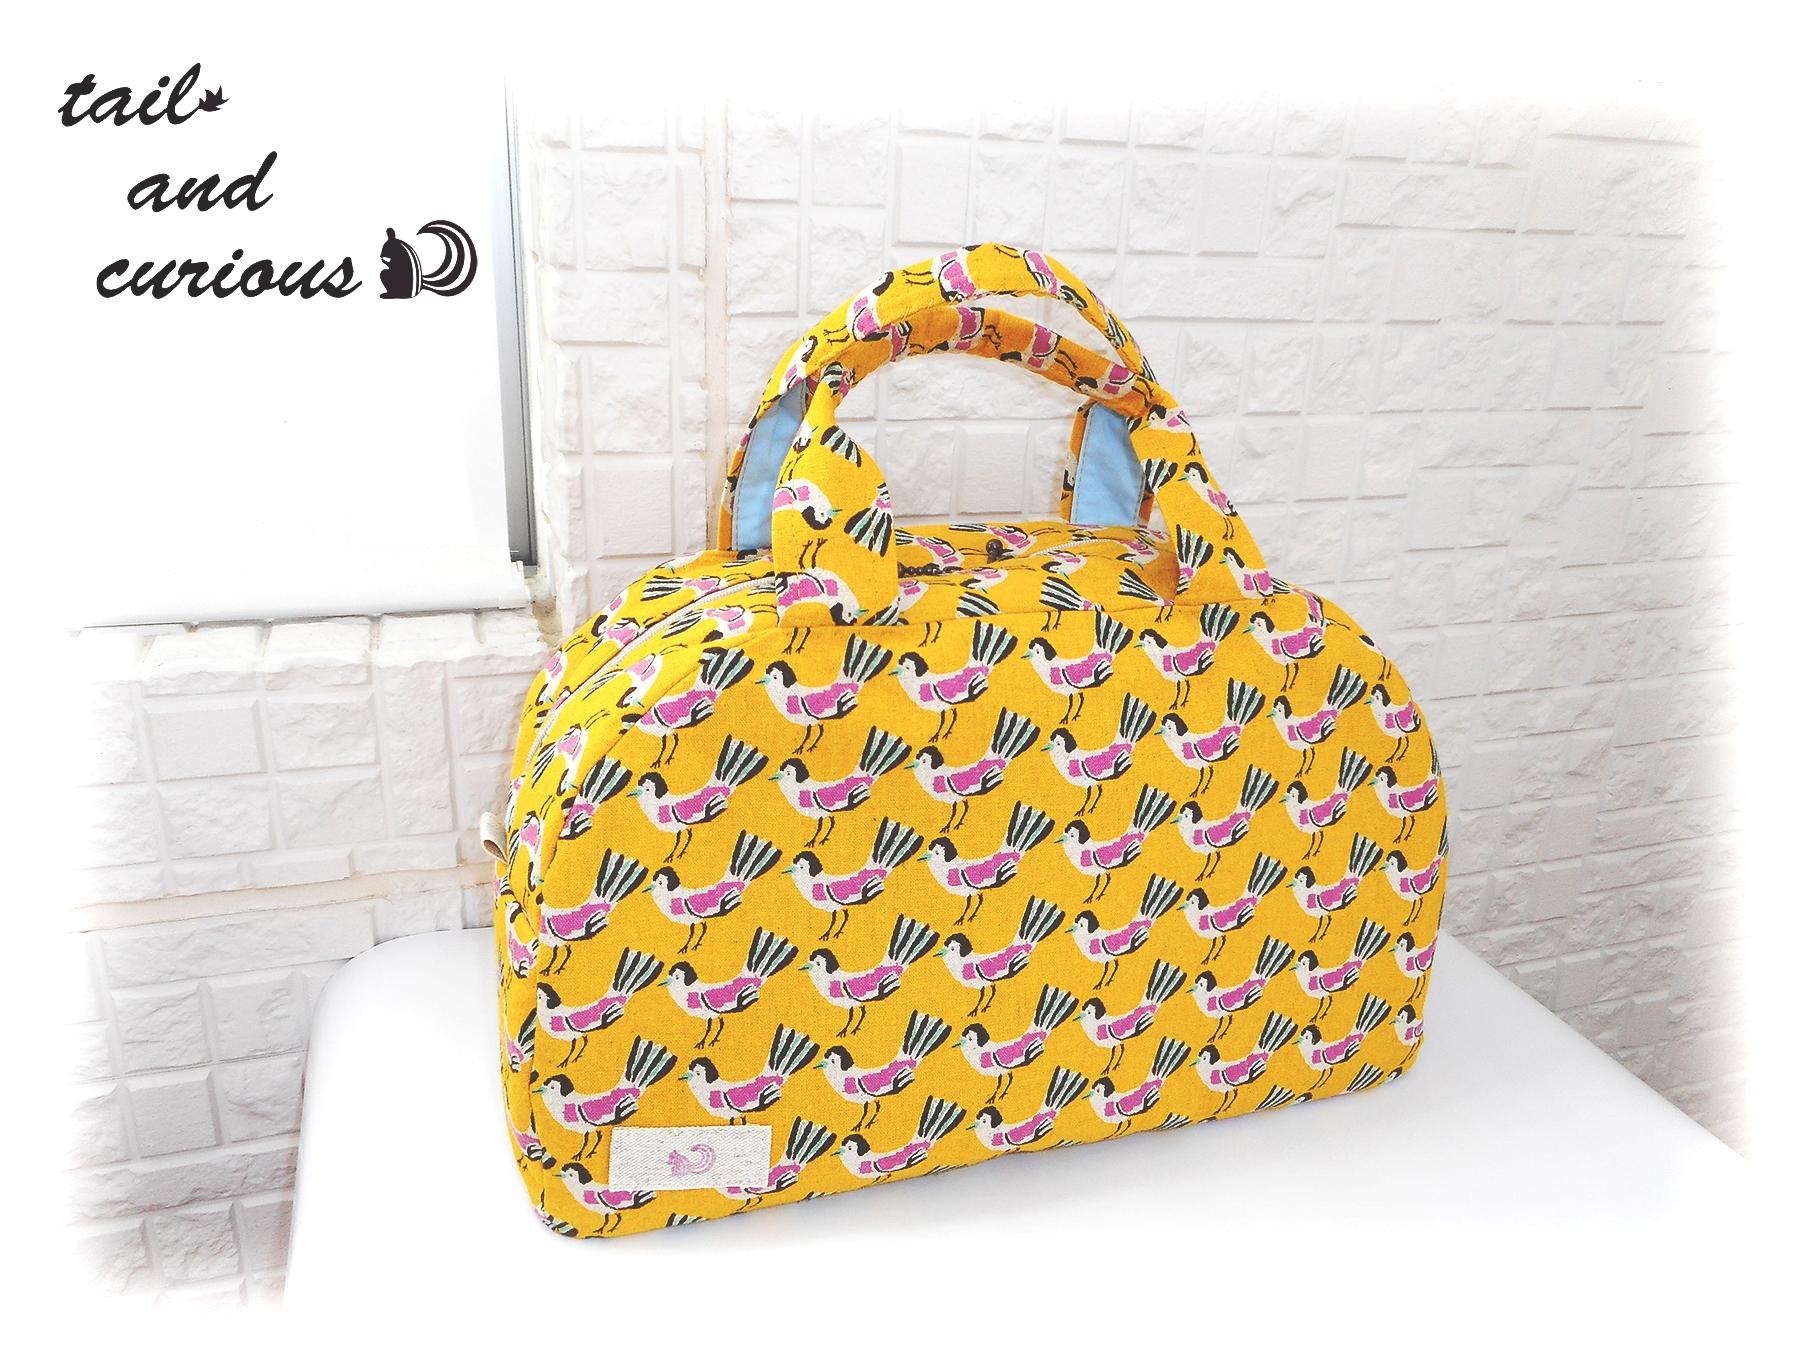 「お出かけに連れて行きたい鳥のボストンバッグ」に新色が登場しました!